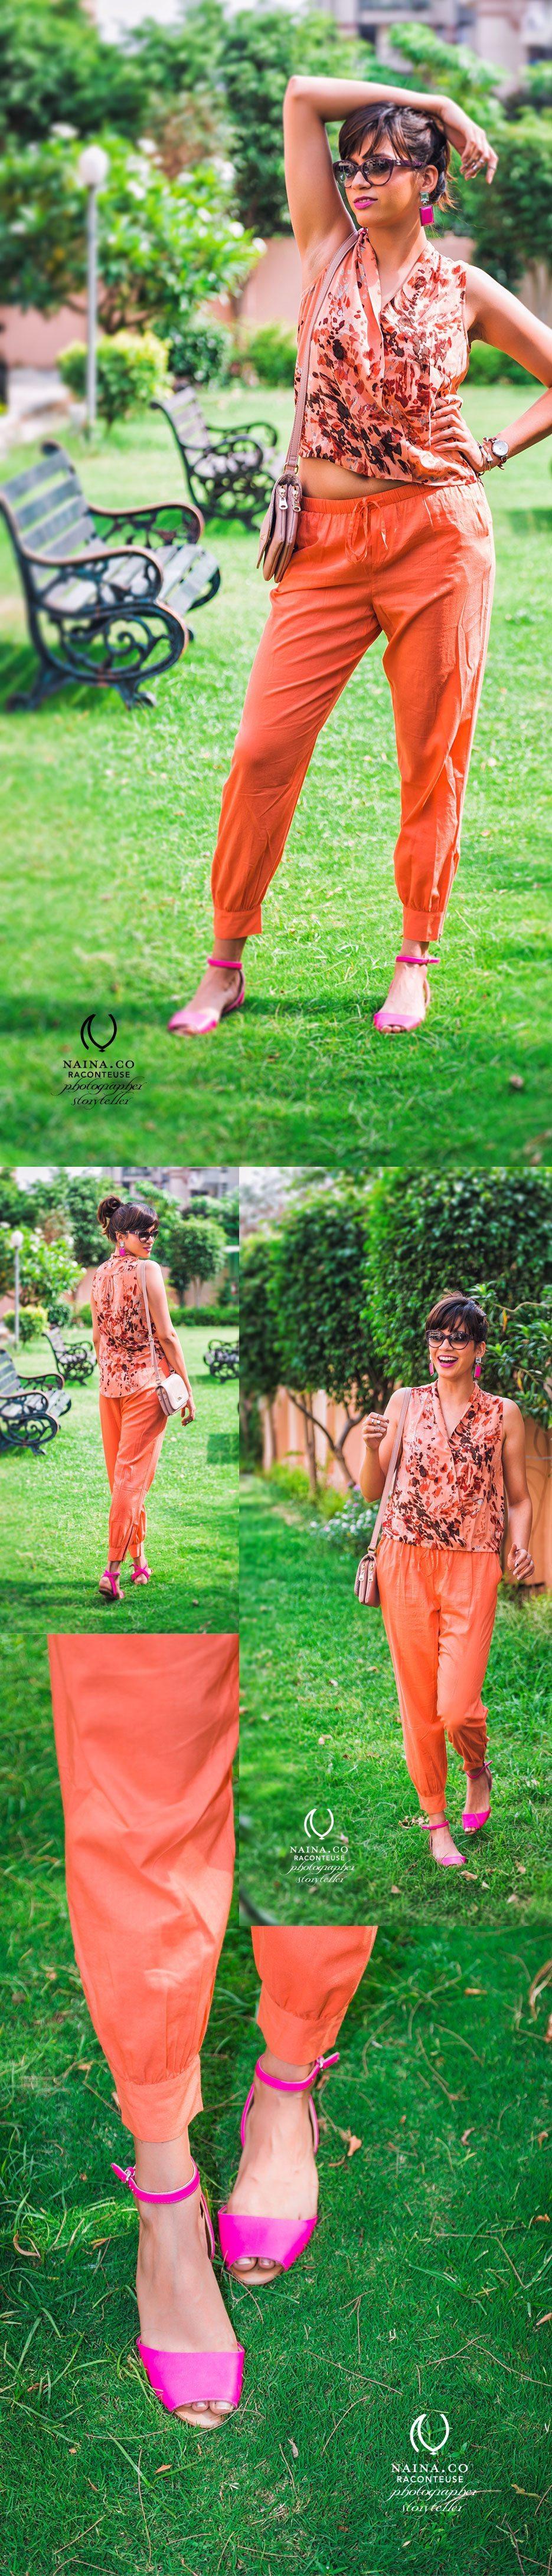 Naina.co-Akanksha-May-2014-Raconteuse-Photographer-Storyteller